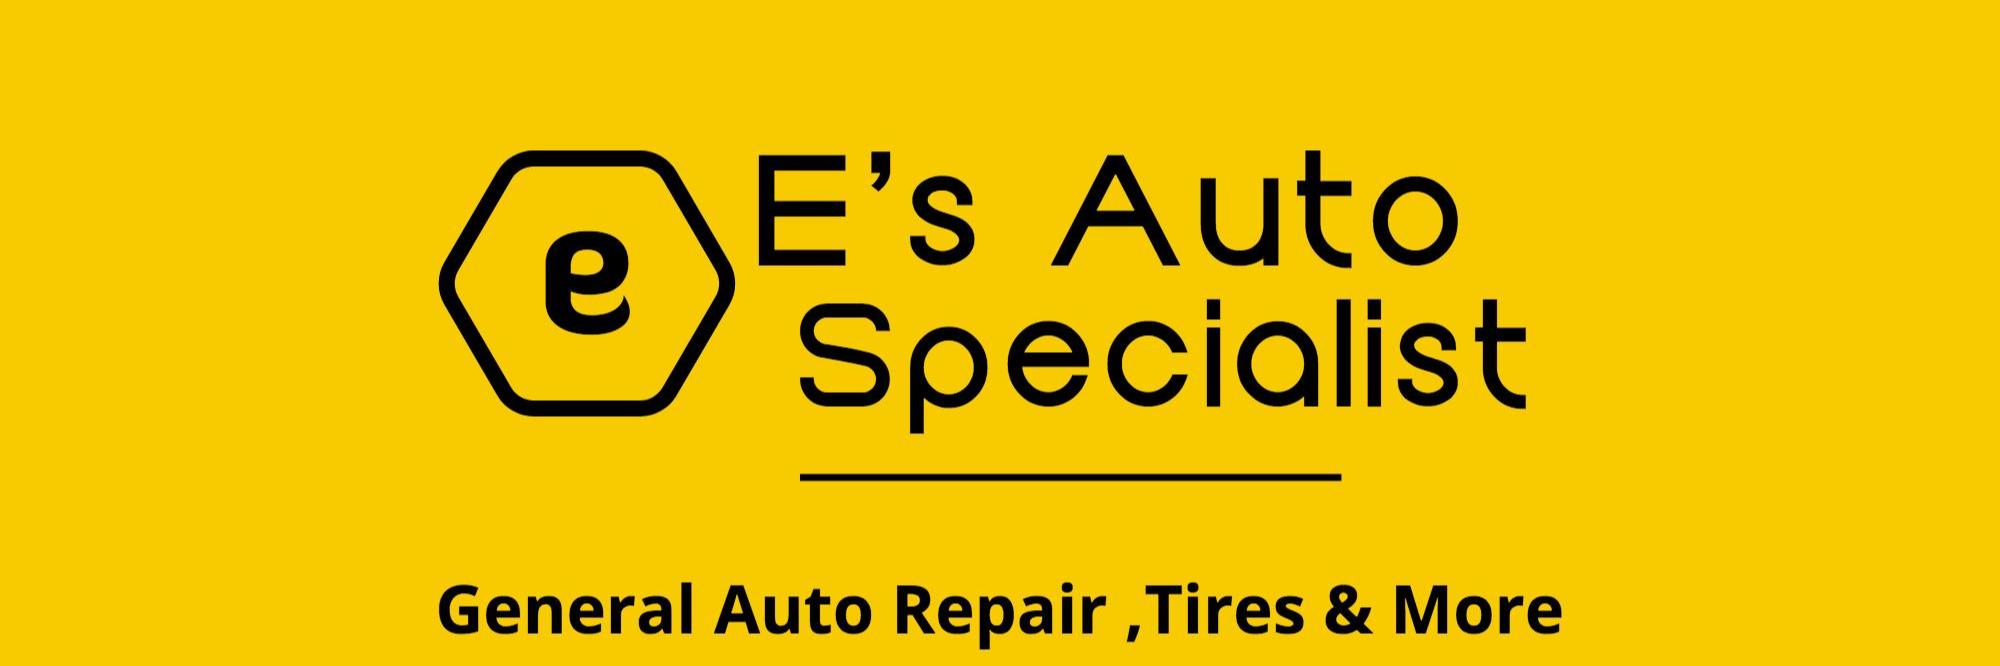 E's Automotive Specialist Towing.com Profile Banner